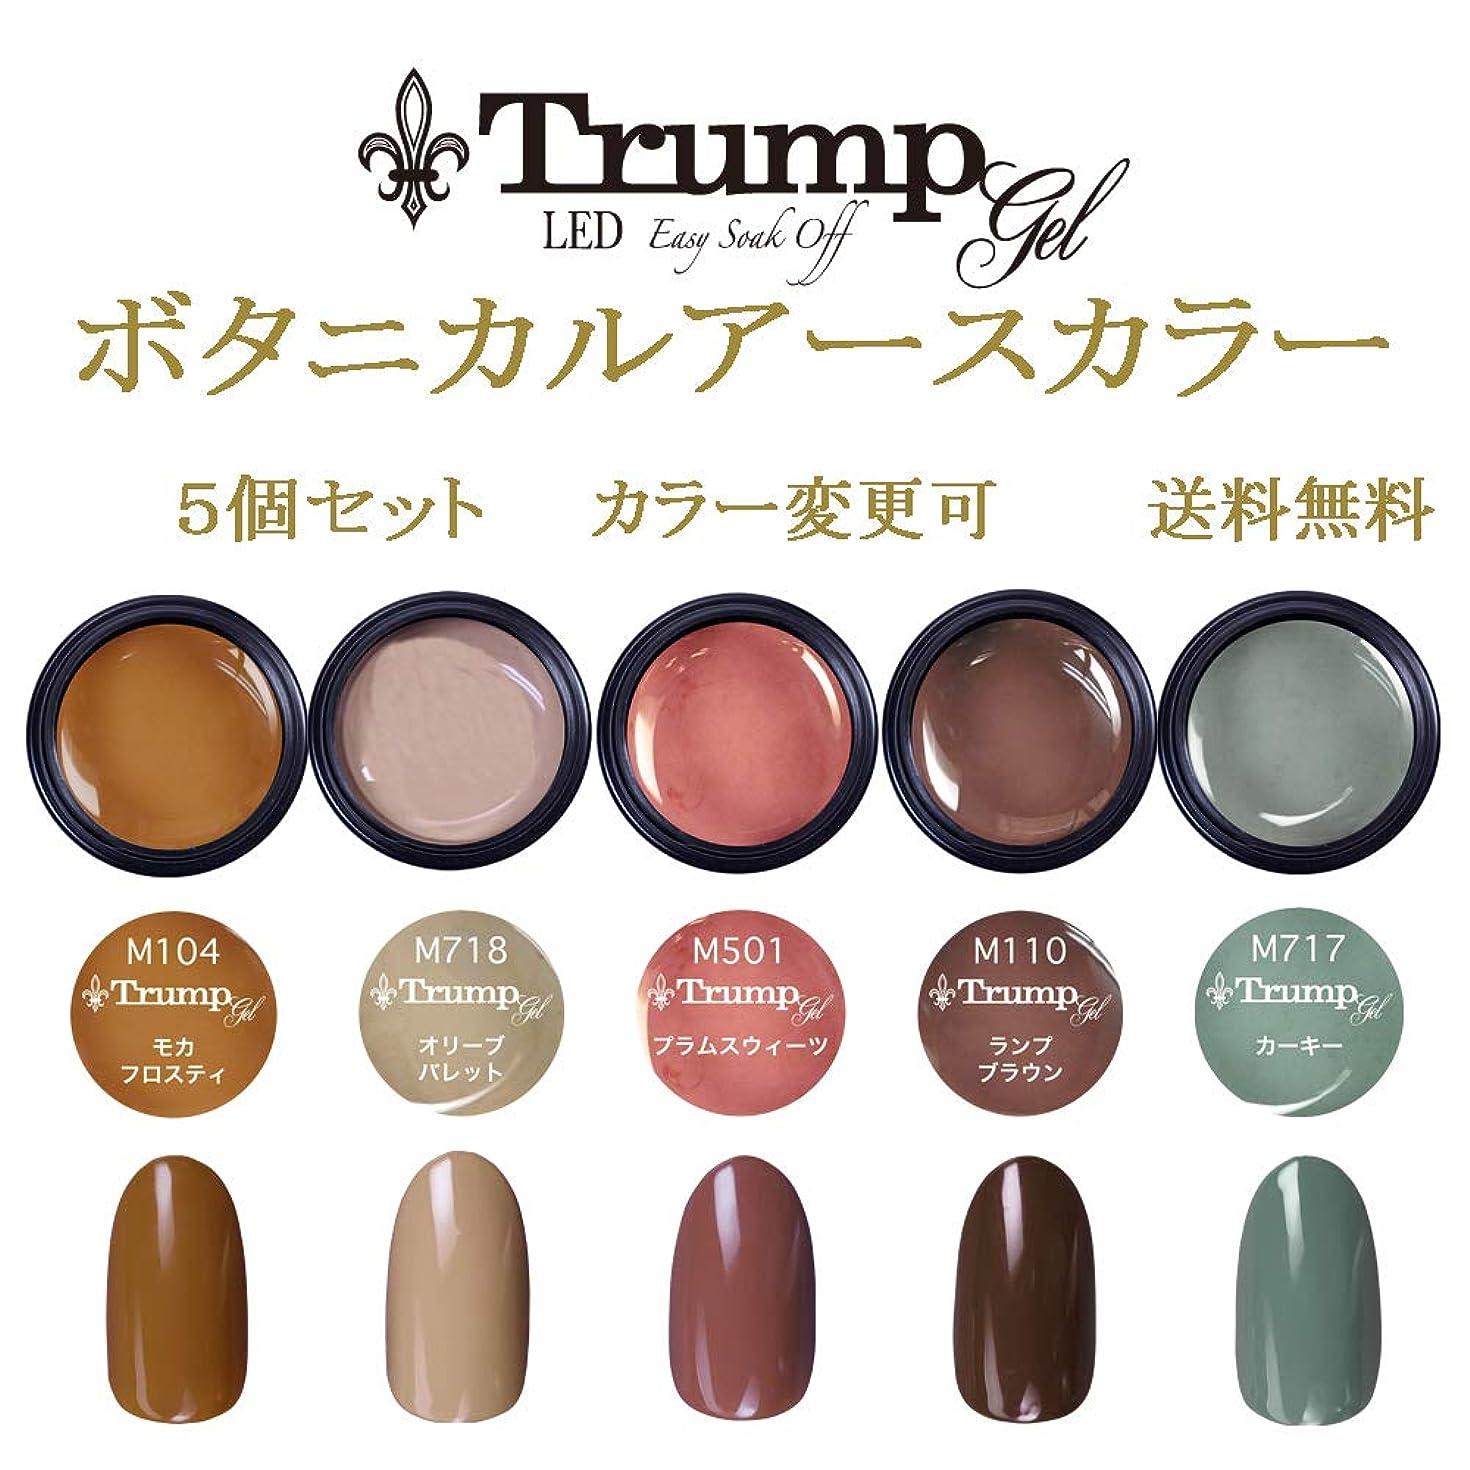 トチの実の木フェリー窒素【送料無料】日本製 Trump gel ボタニカルアースカラージェル5個セット 人気のボタニカルカラーをセット